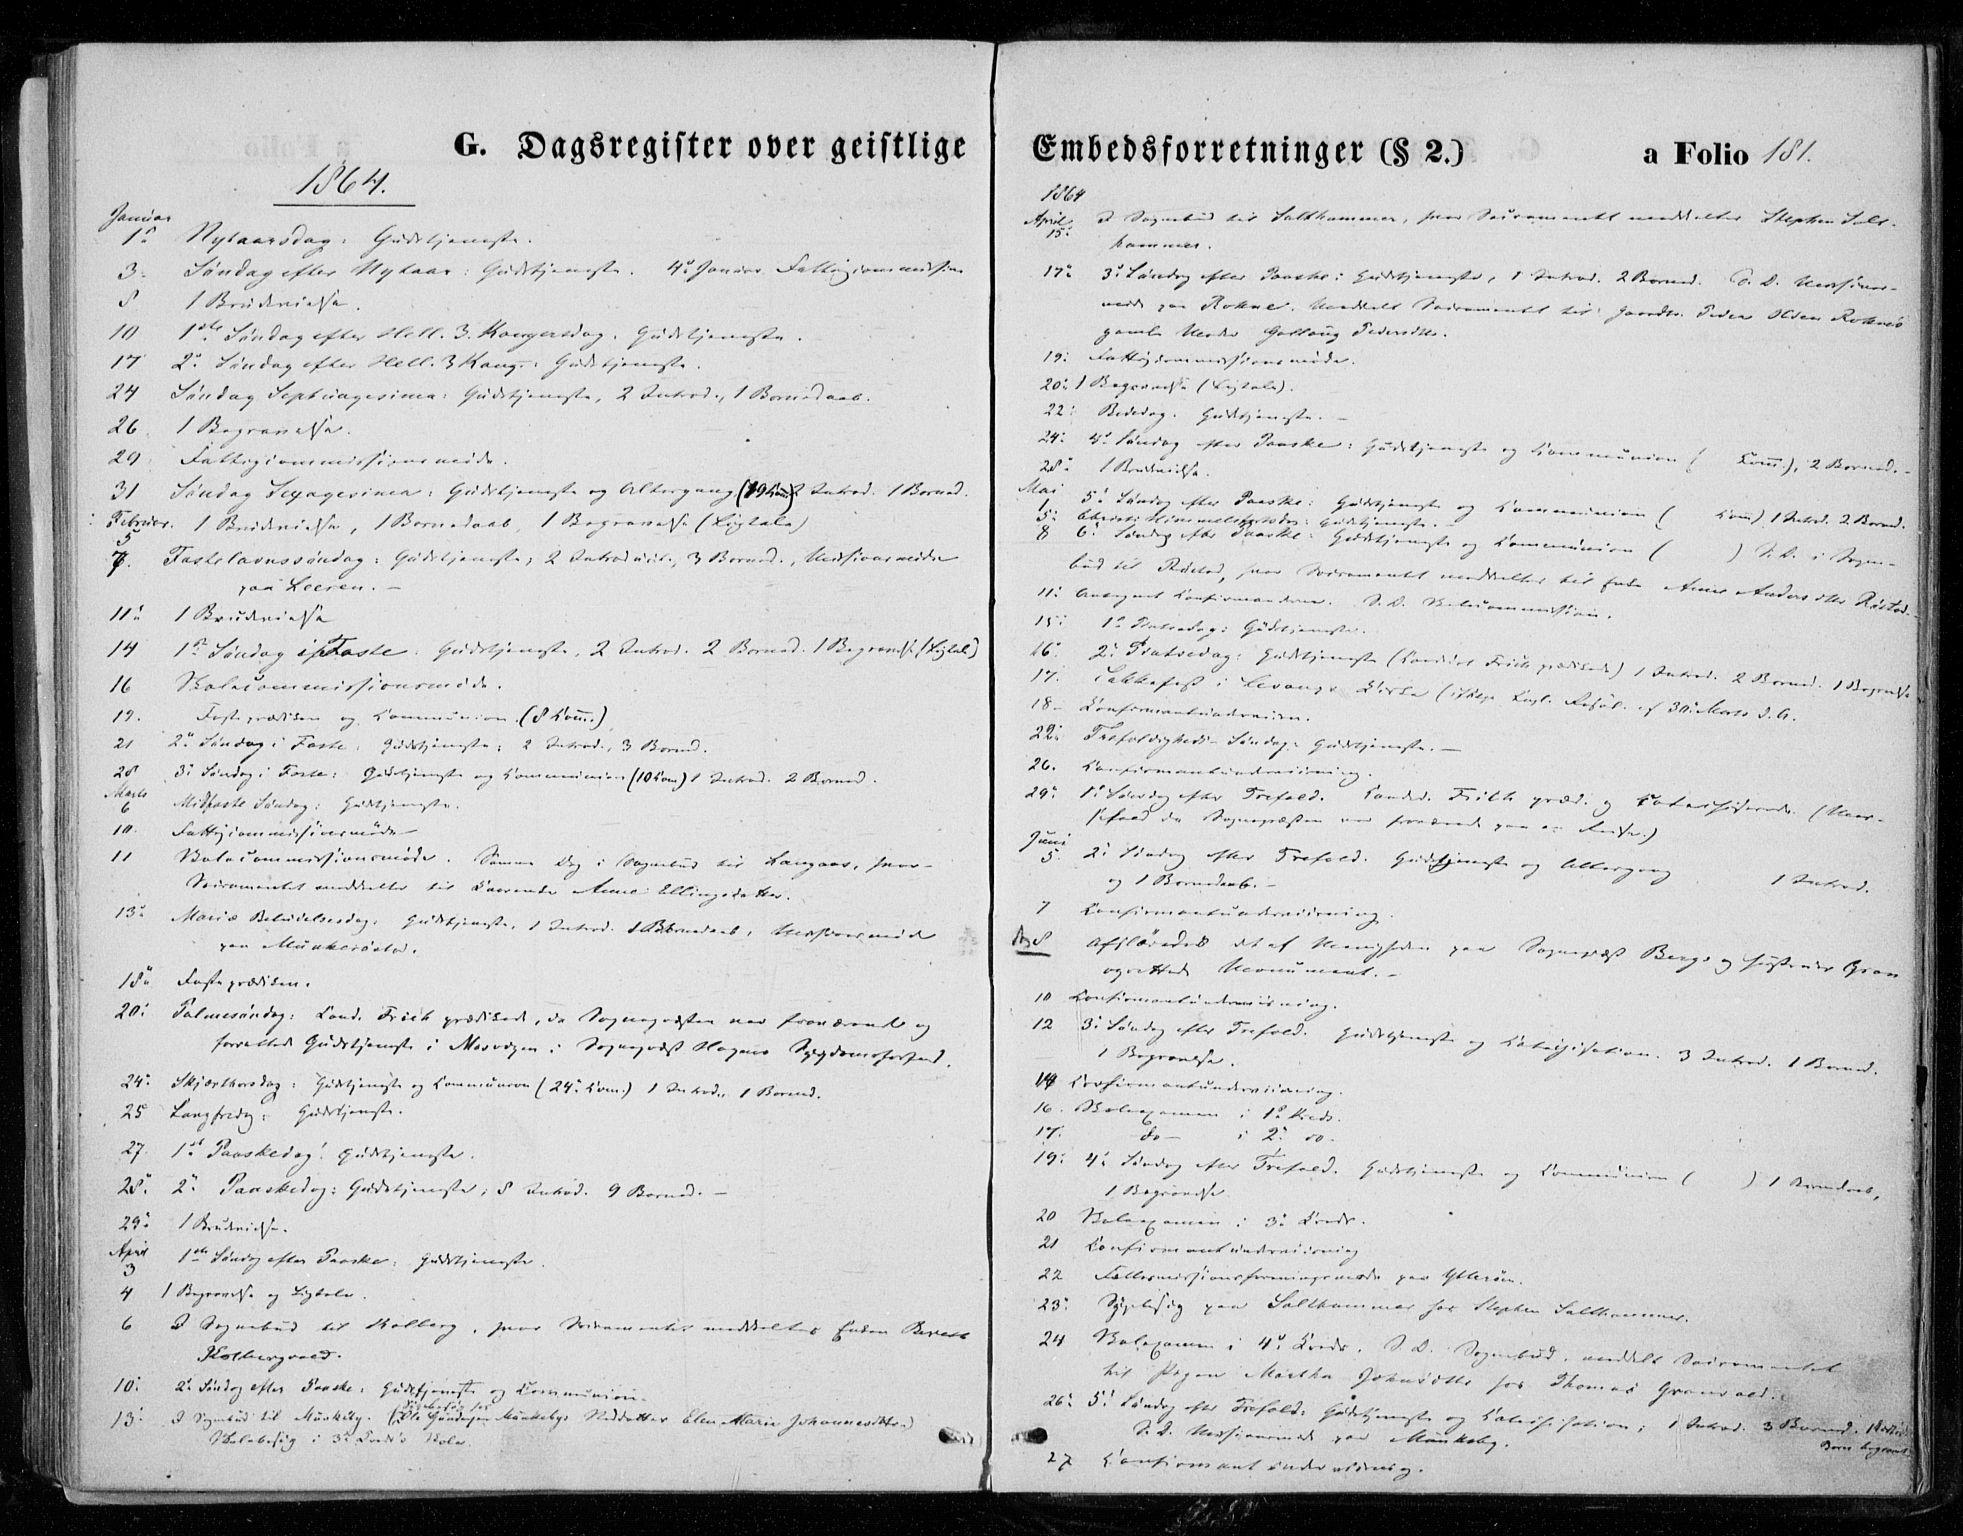 SAT, Ministerialprotokoller, klokkerbøker og fødselsregistre - Nord-Trøndelag, 721/L0206: Ministerialbok nr. 721A01, 1864-1874, s. 181